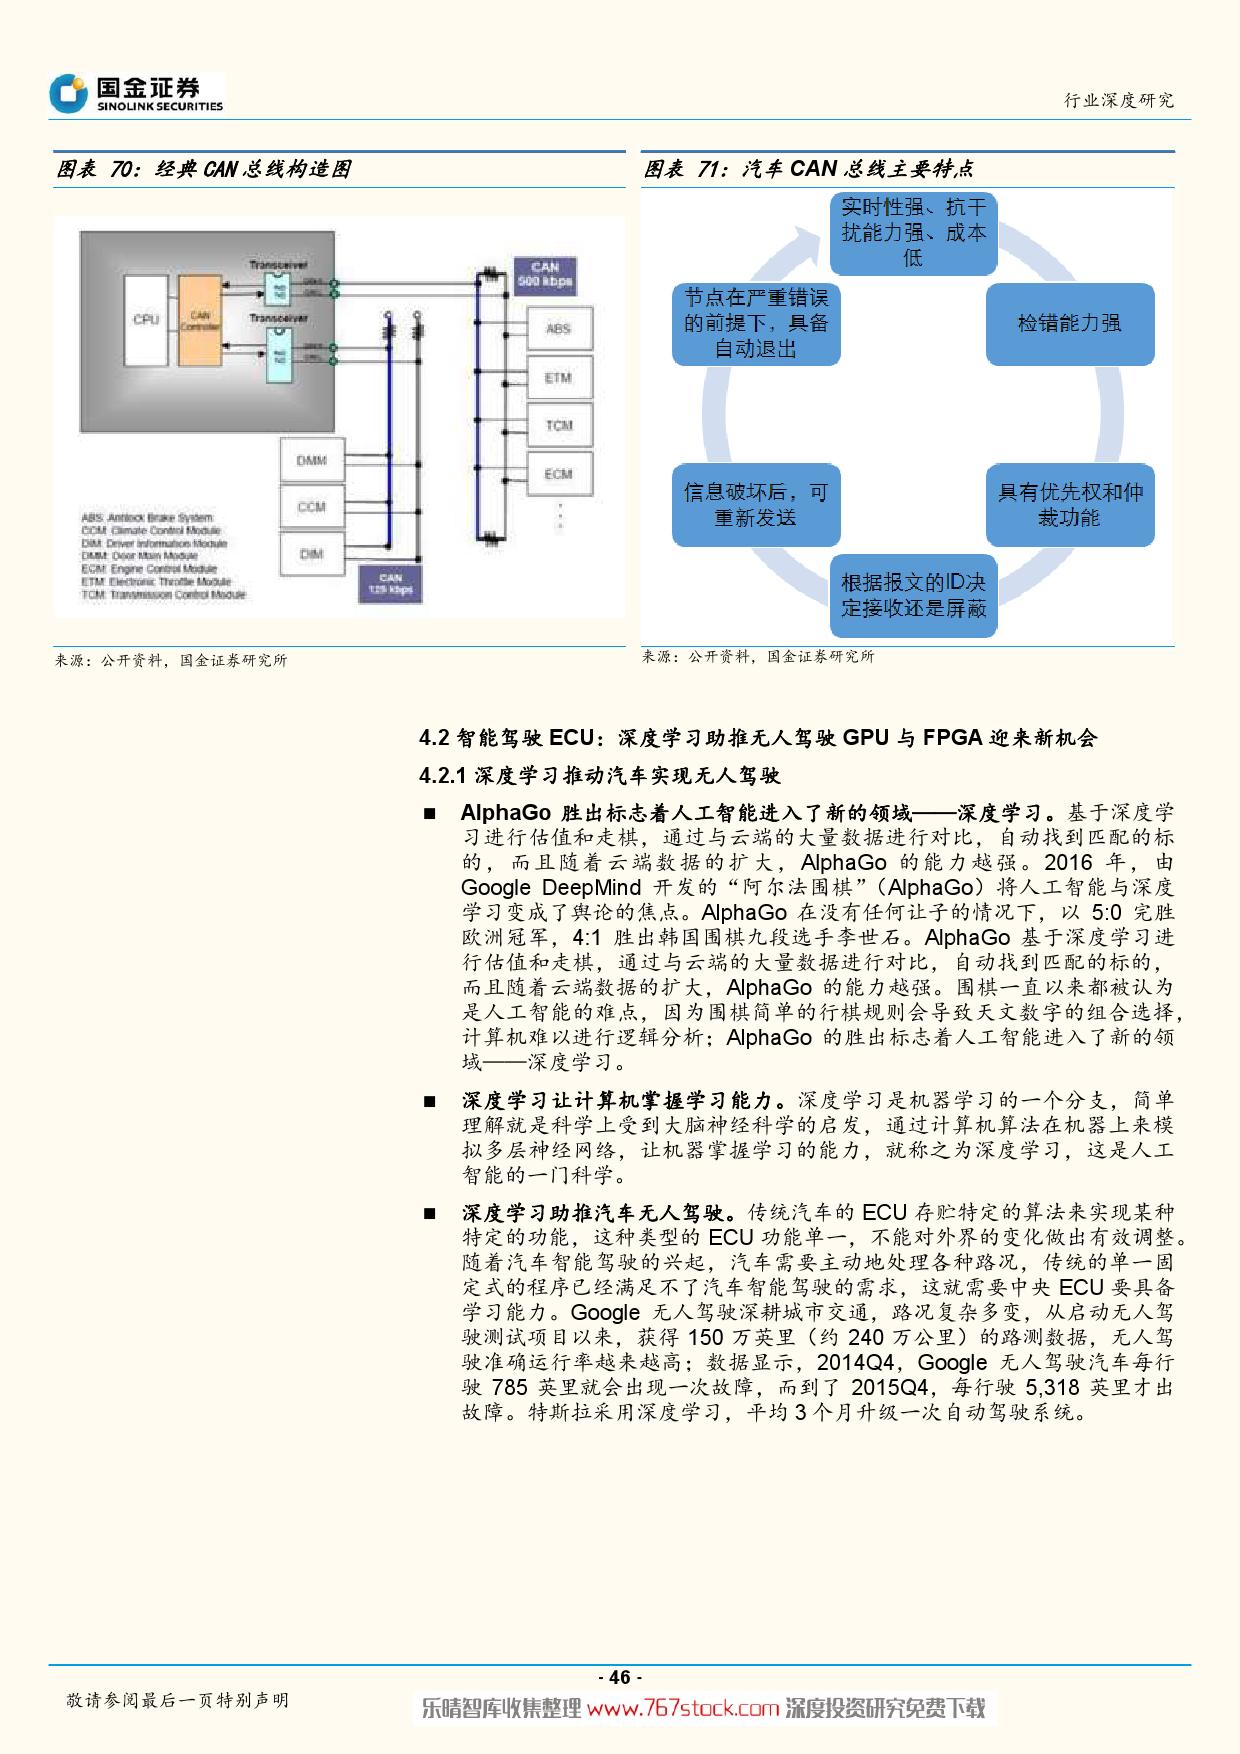 特斯拉产业系列深度报告-智能驾驶爆发在即_000046